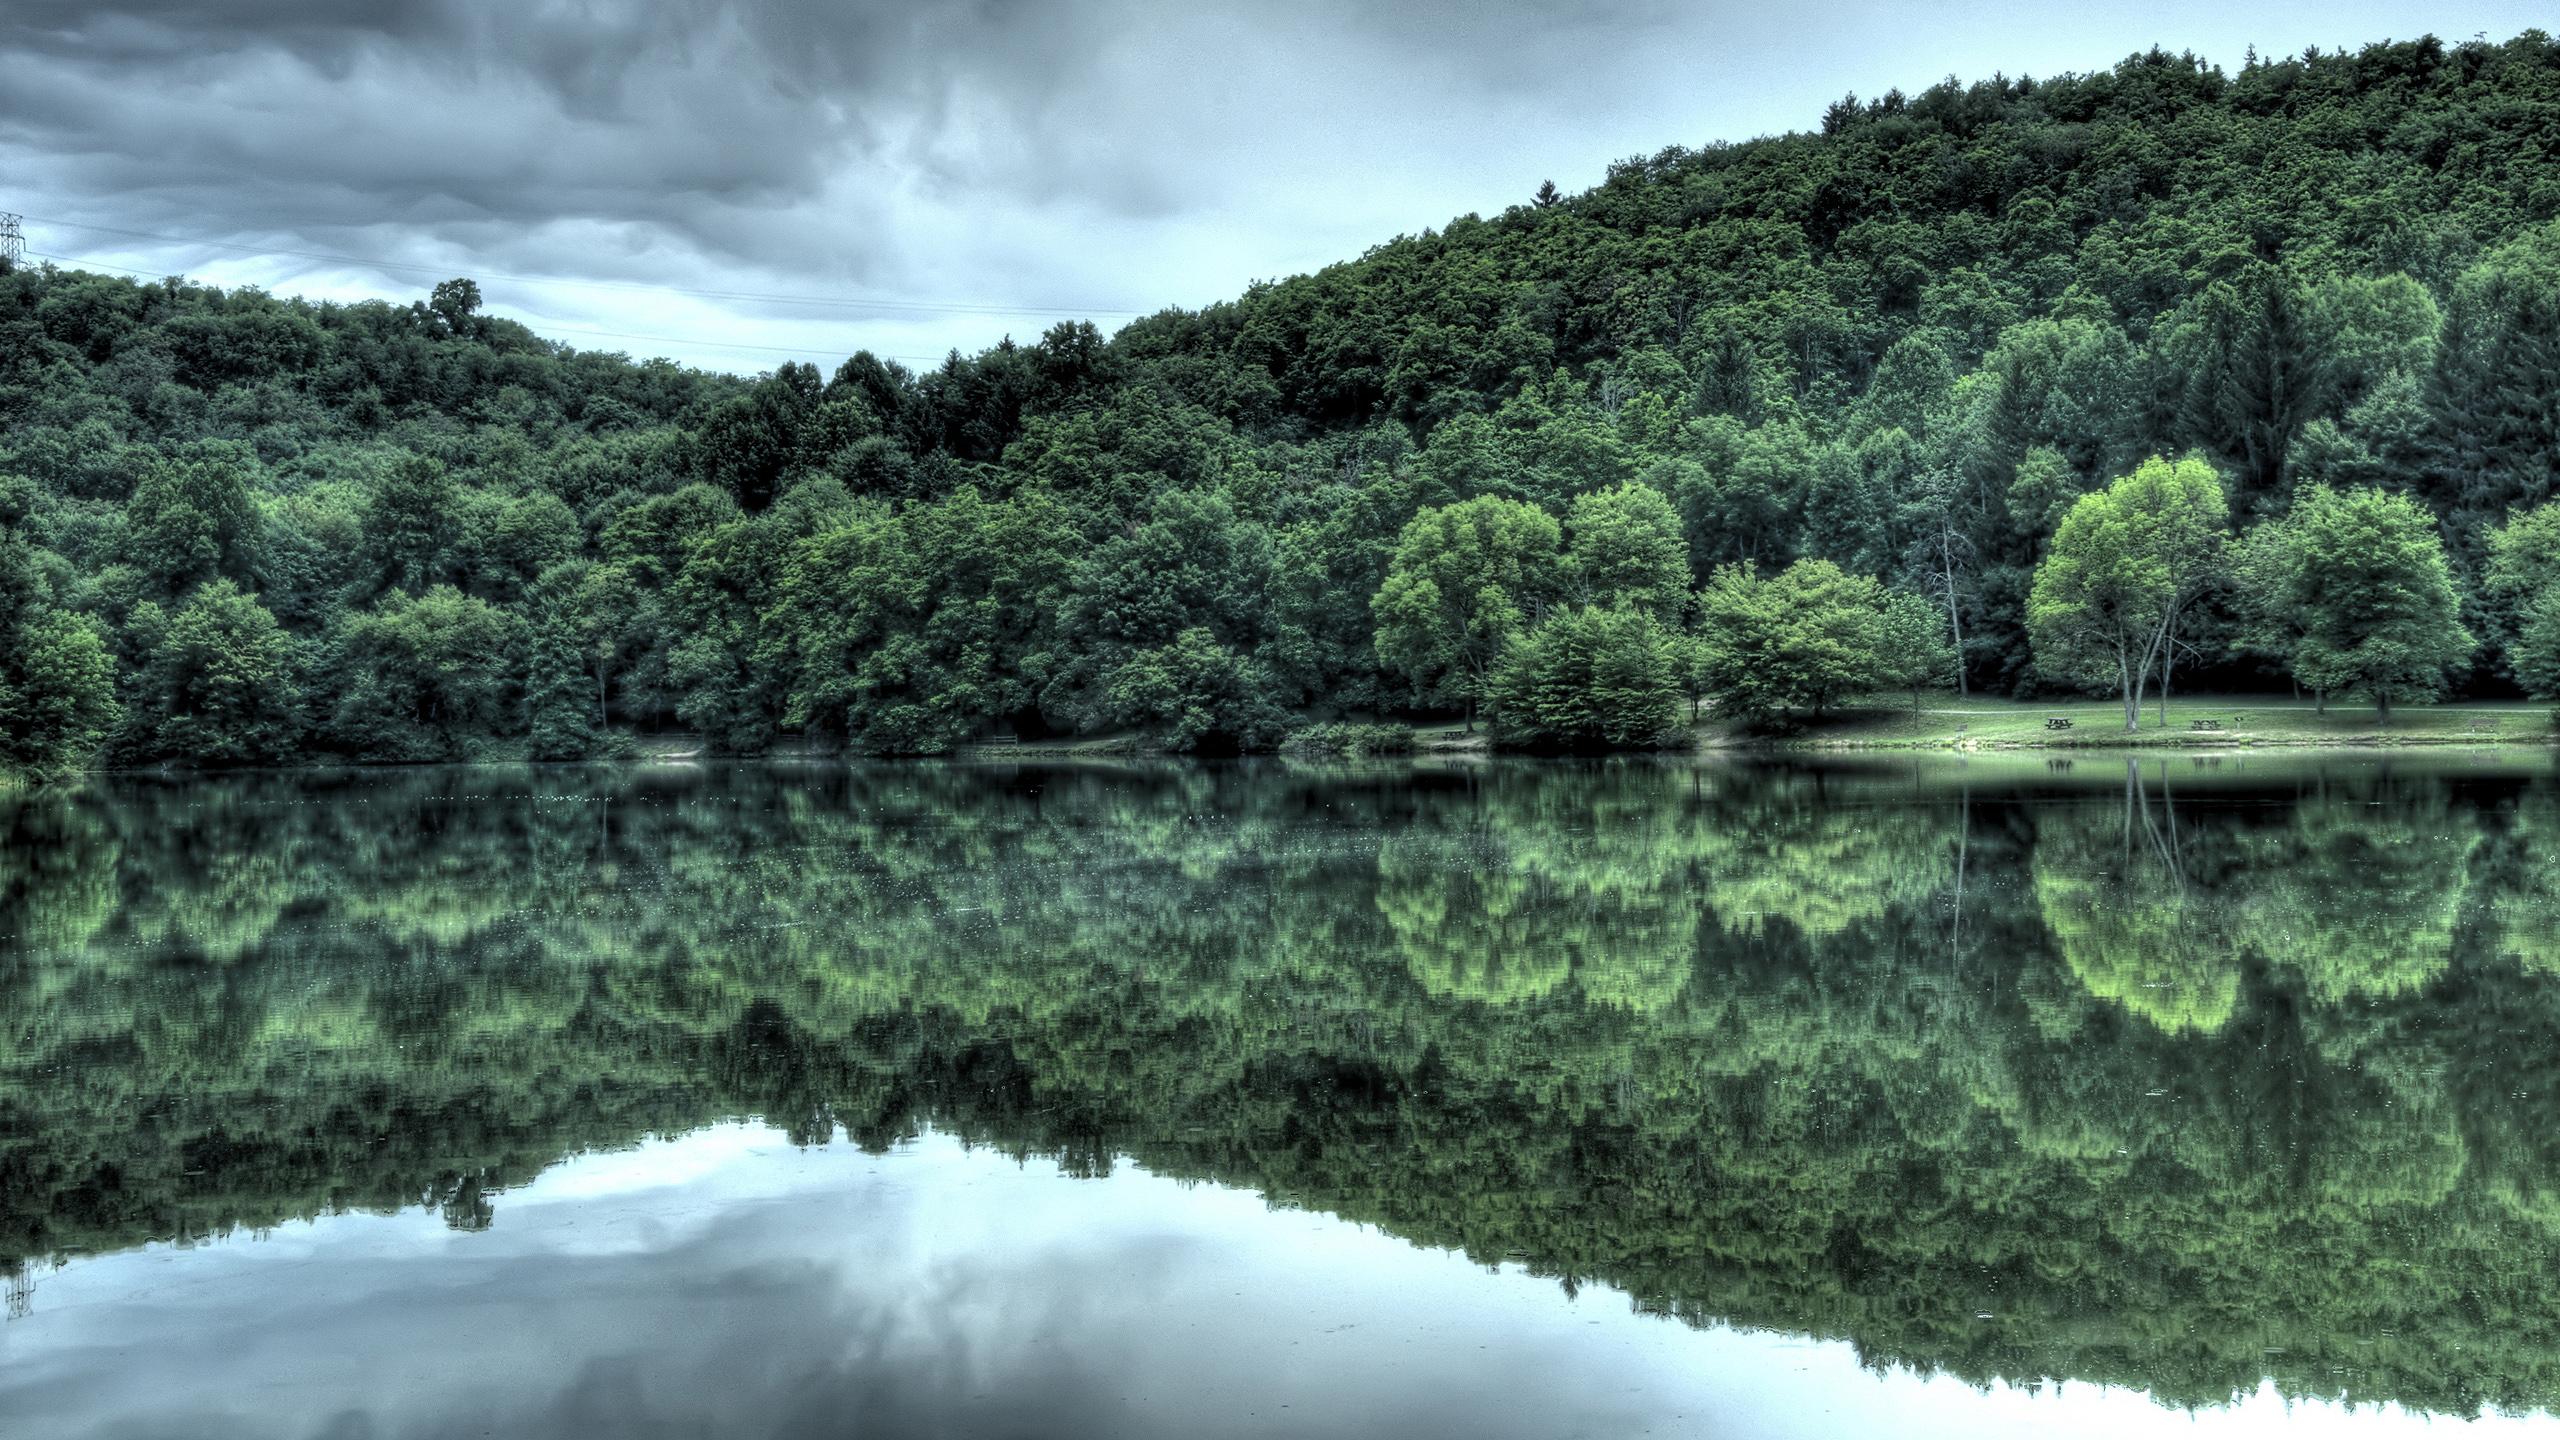 2560x1440 wallpaper landscape - photo #48